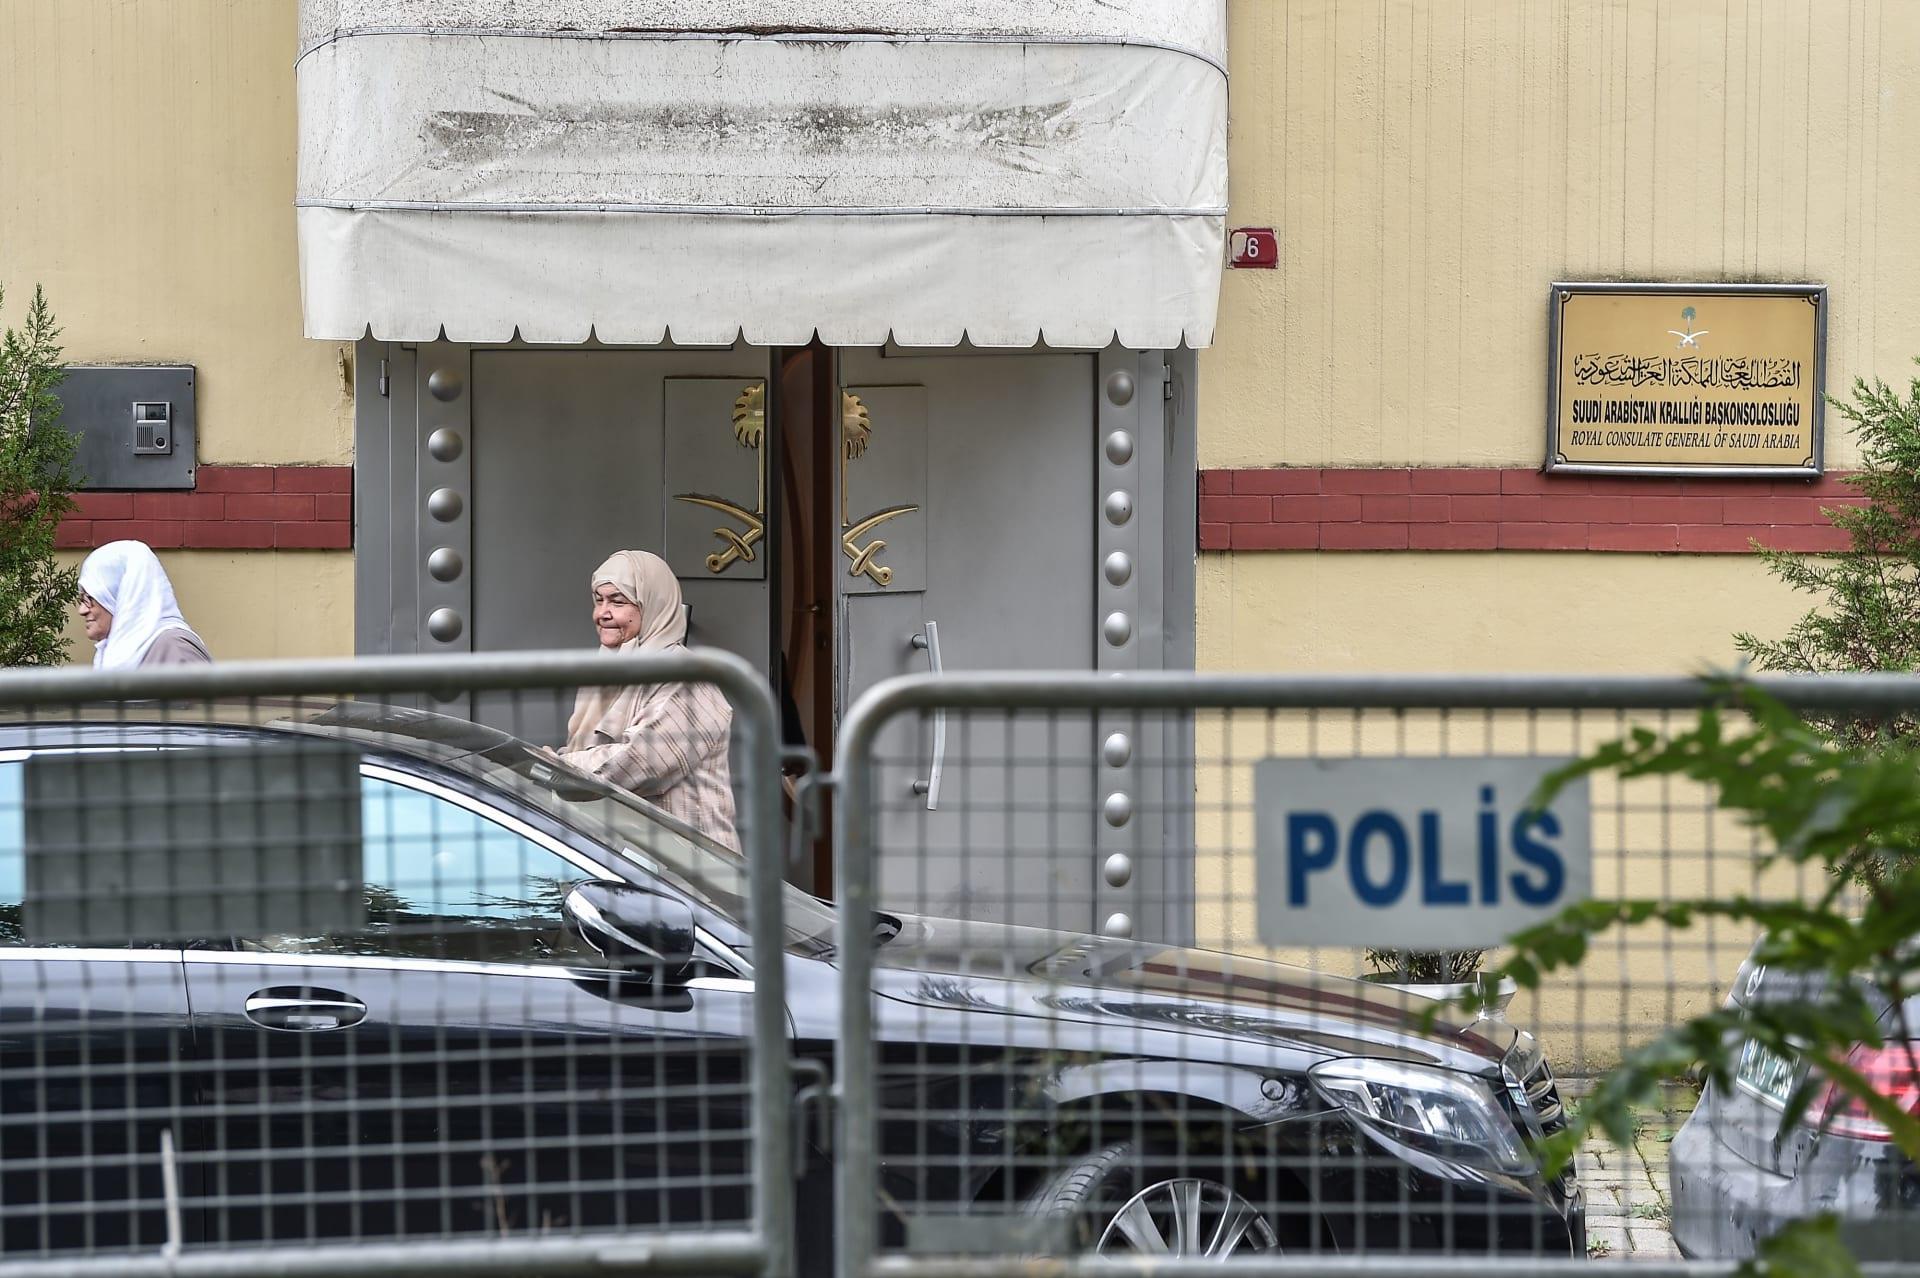 السعودية تنفي أنباء مقتل جمال خاشقجي في قنصليتها بإسطنبول